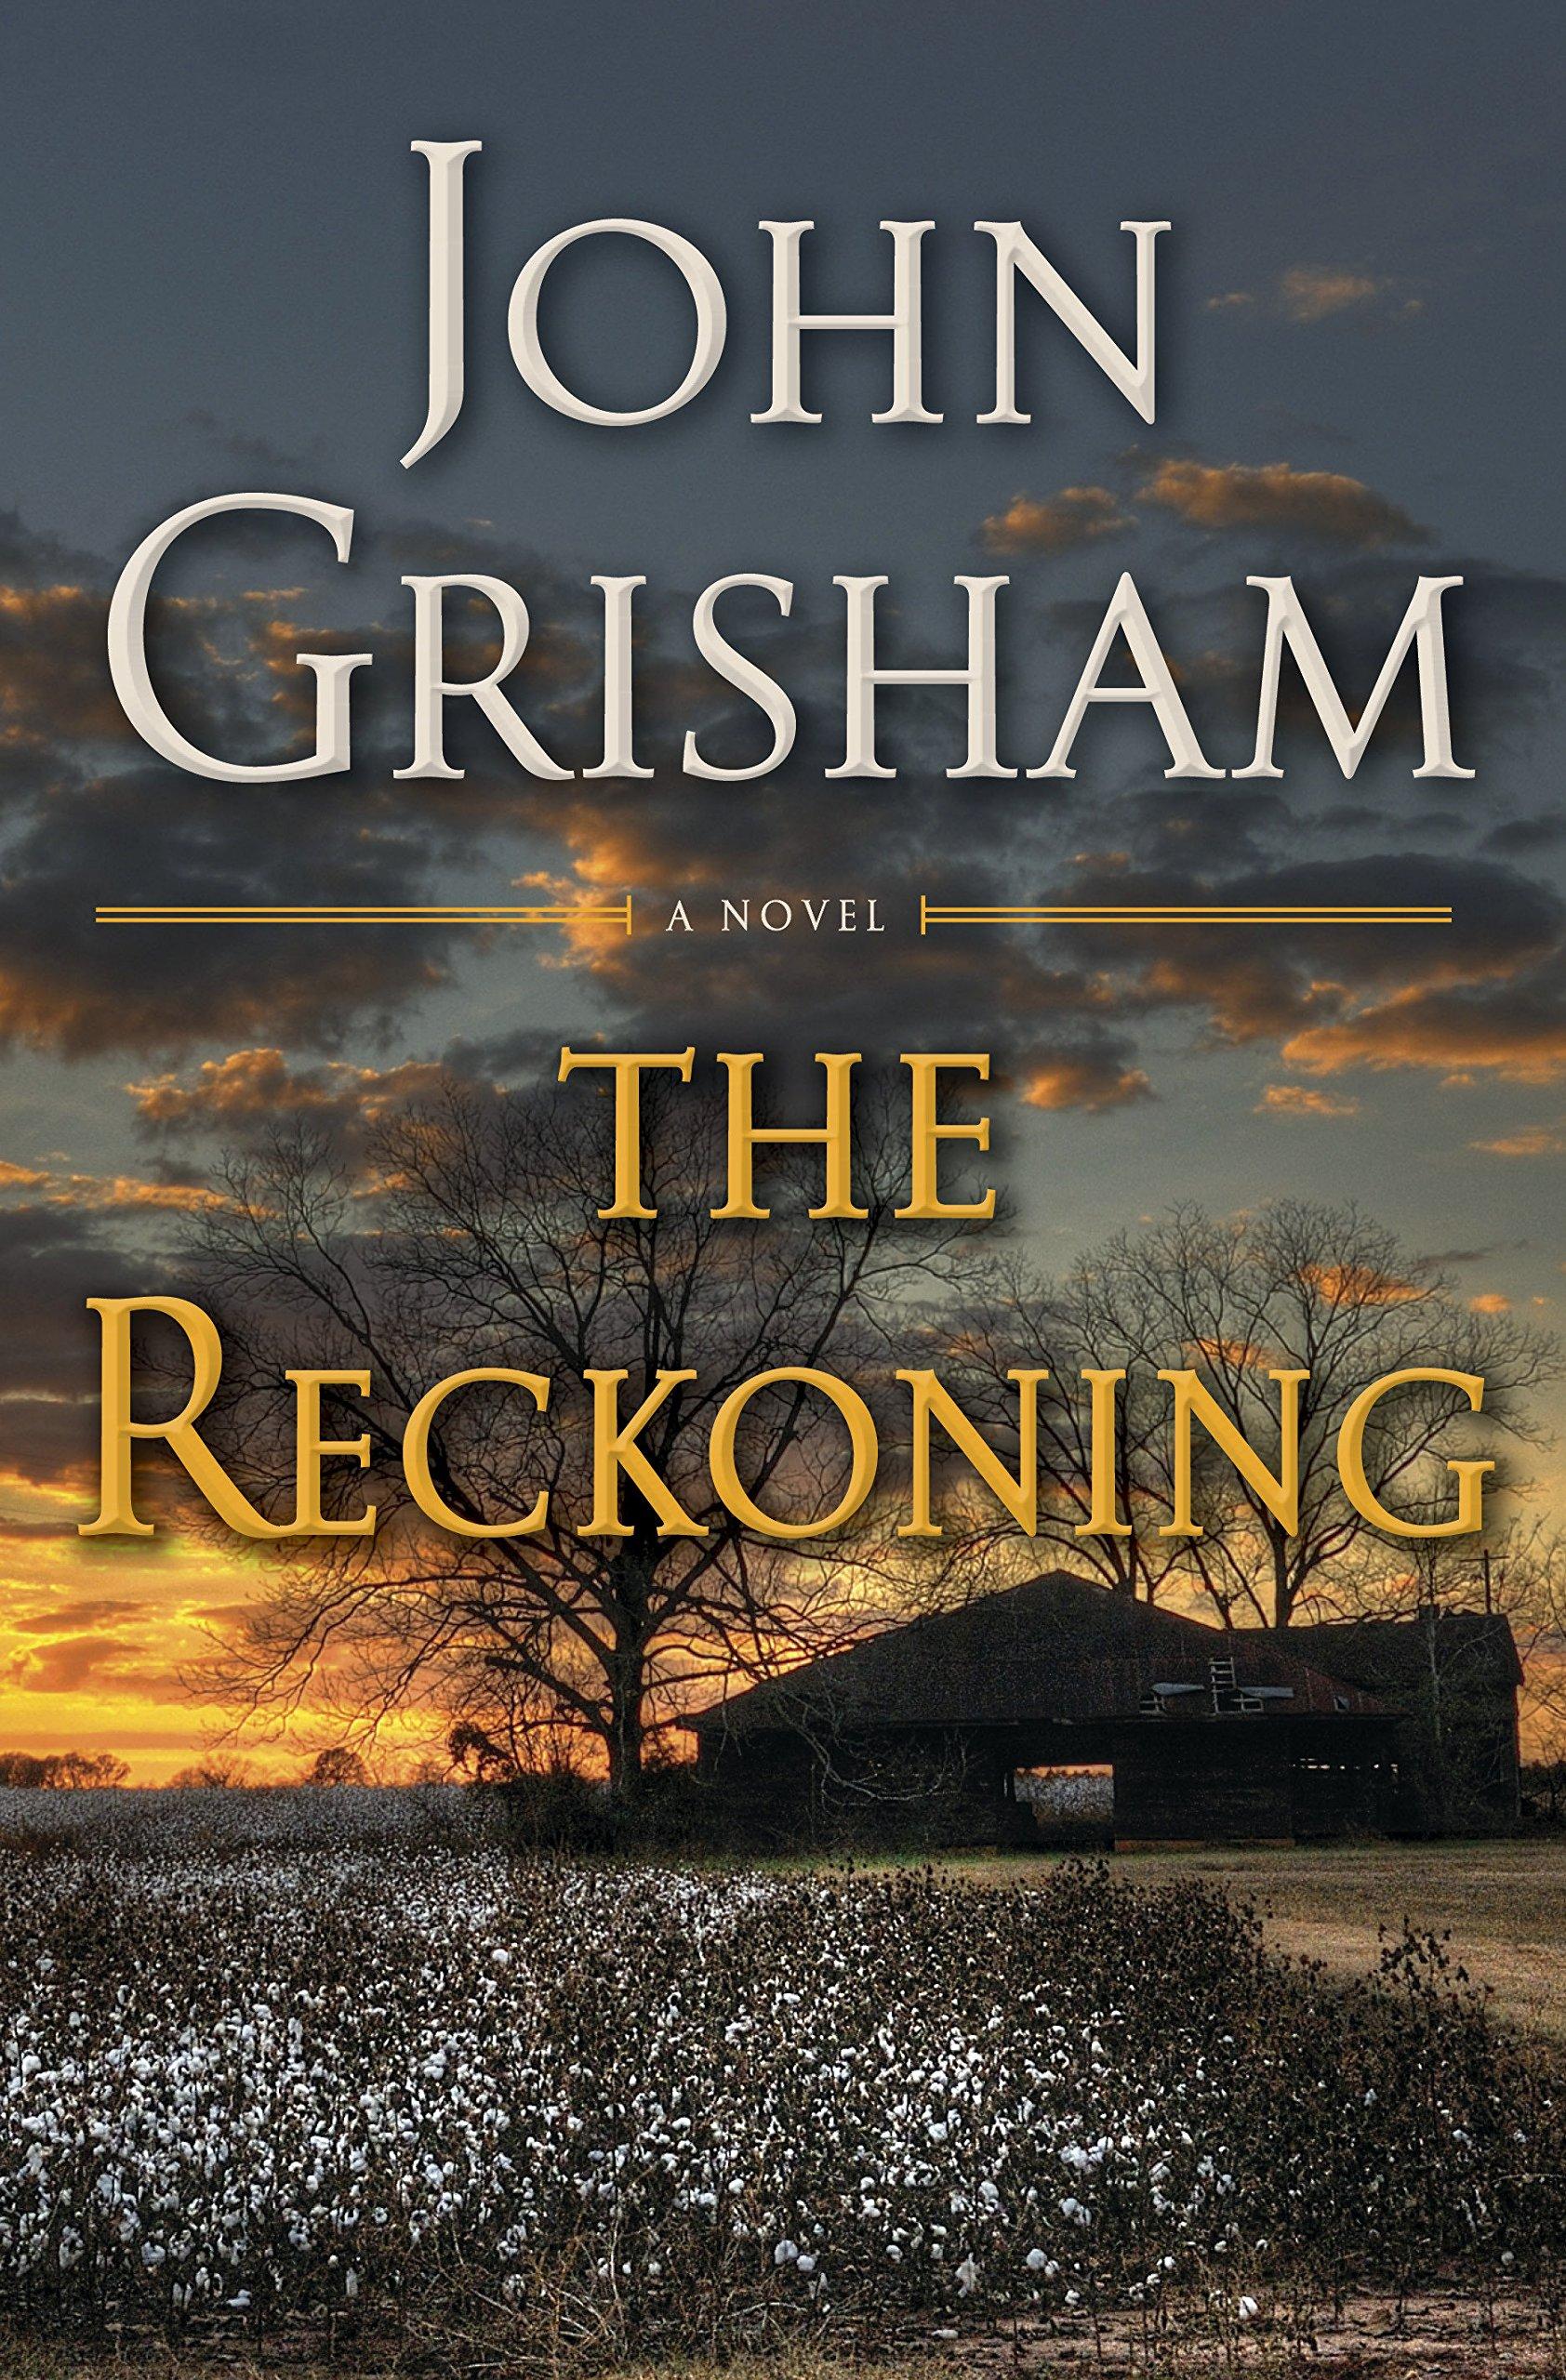 Buy John Grisham Reckoning Now!